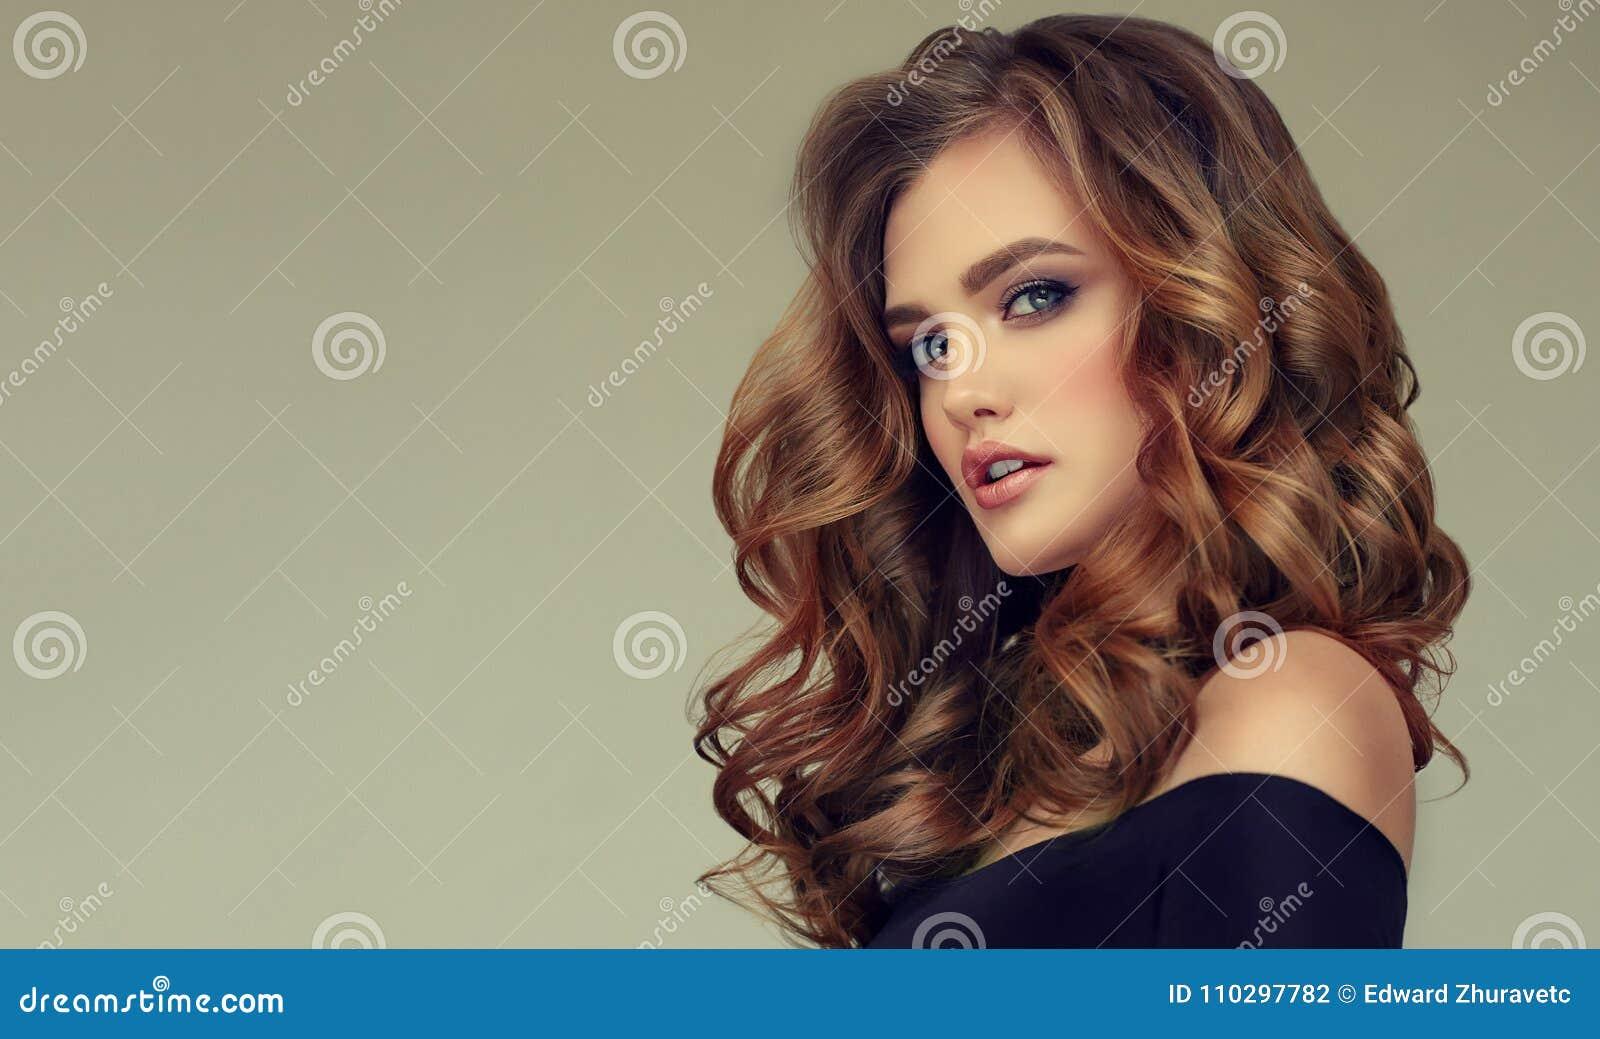 Bruine haired vrouw met omvangrijk, glanzend en krullend kapsel Kroeshaar